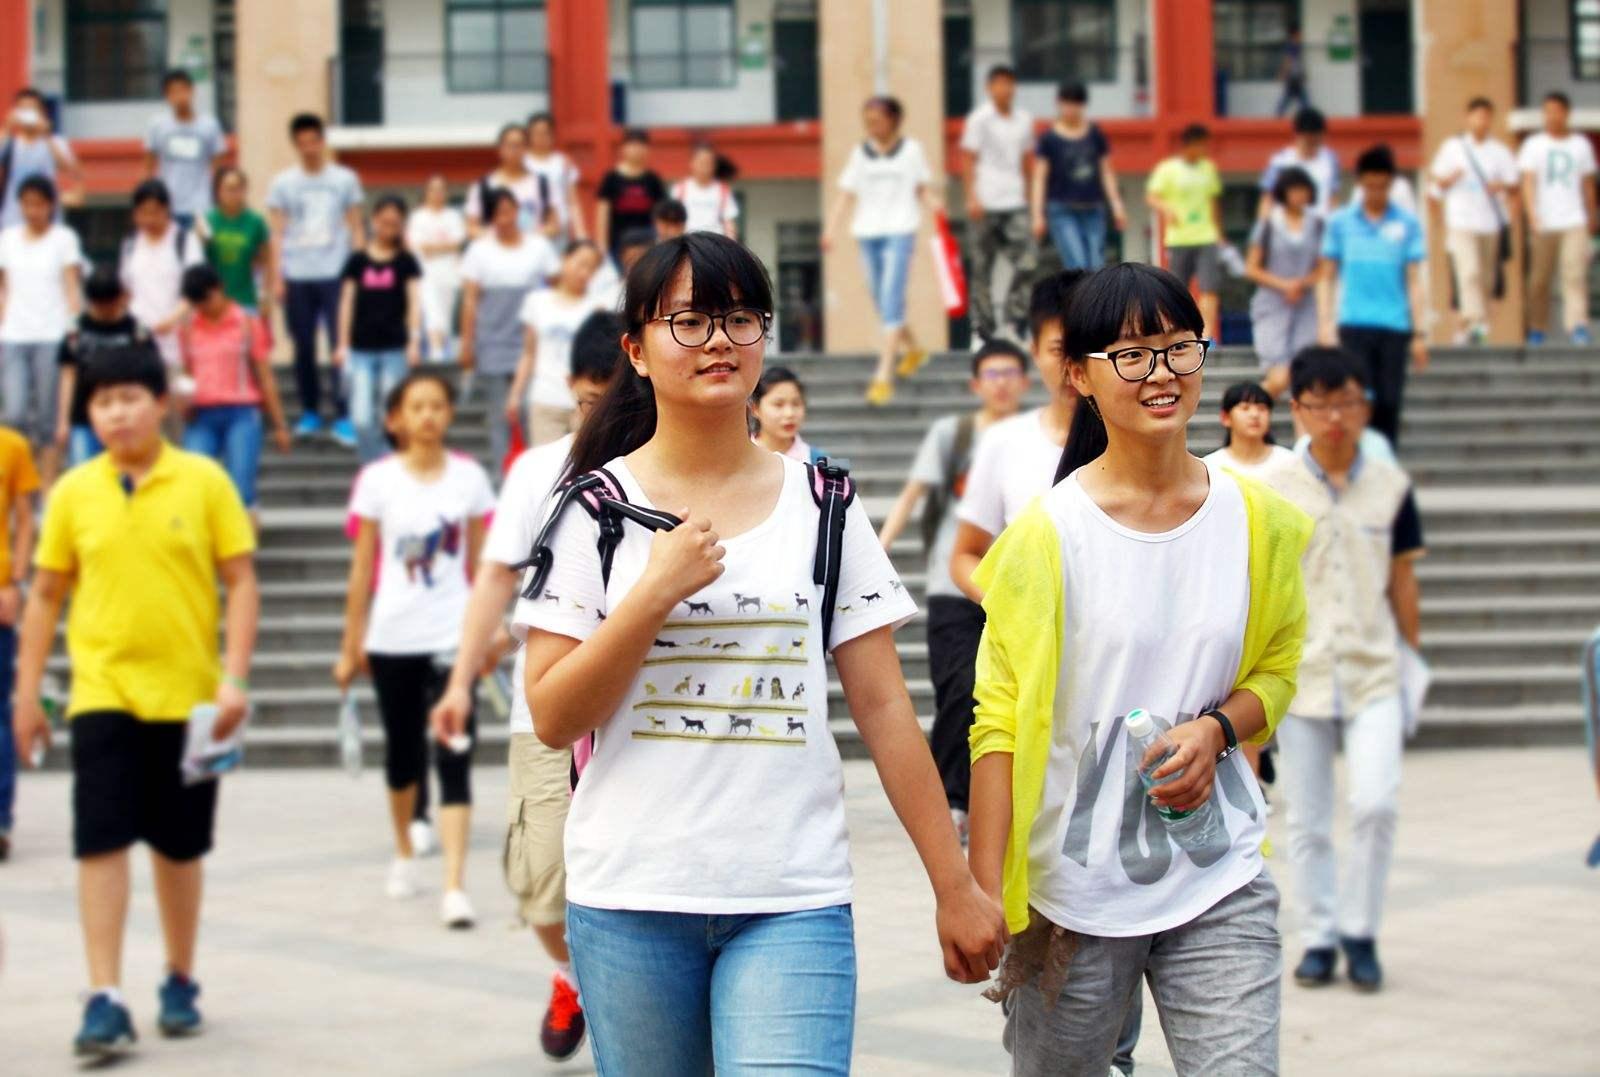 广州中考下月7日放榜 英语和化学考试让考生笑逐颜开